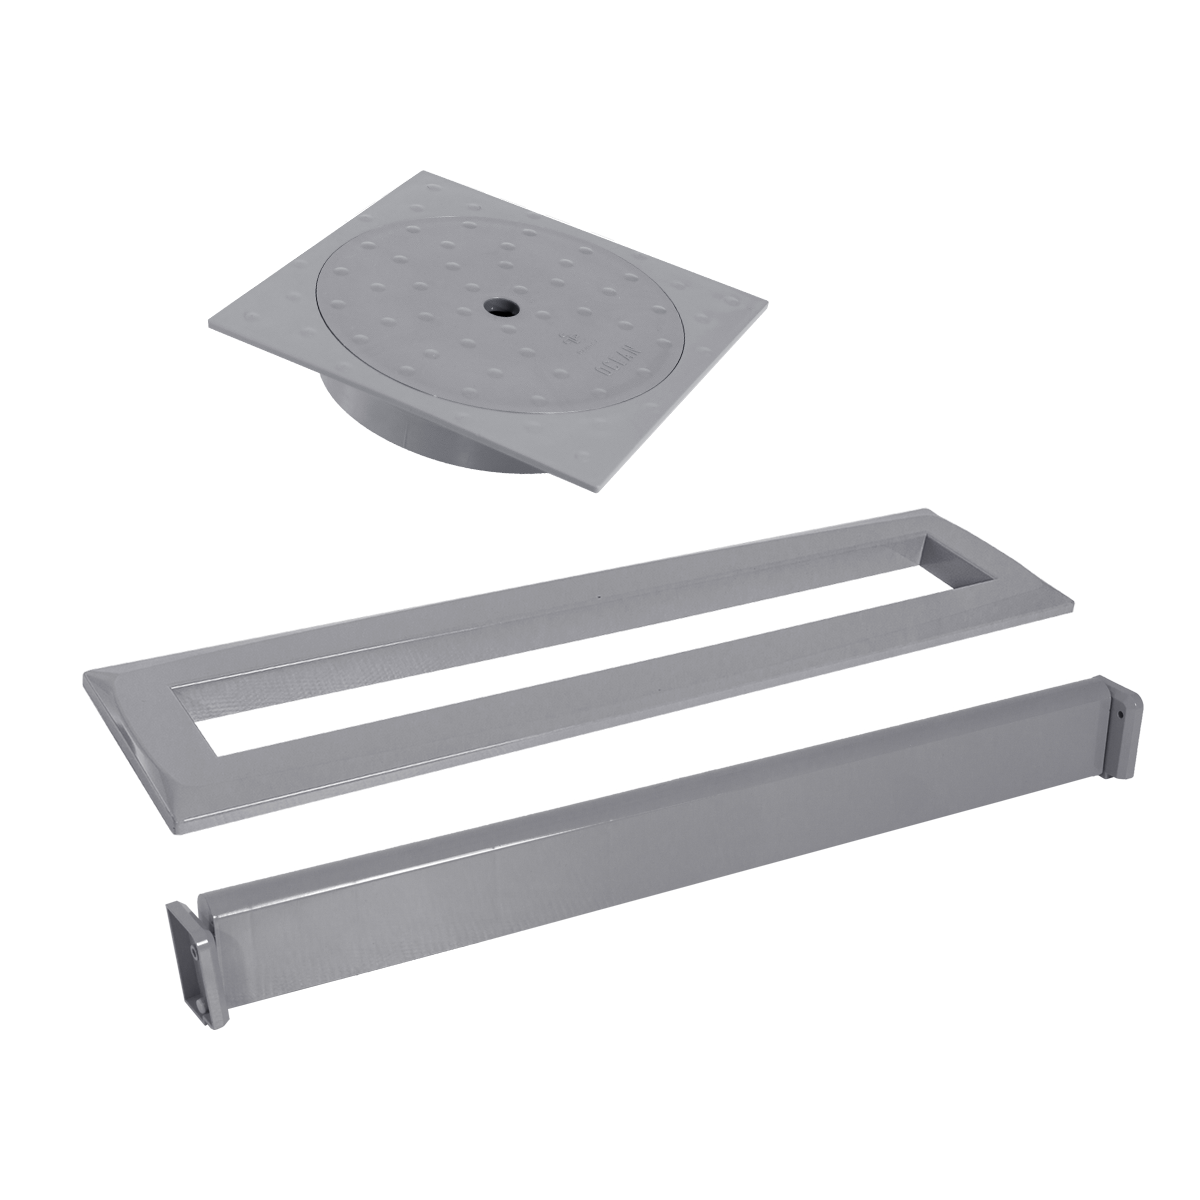 Deckel grau für Smart Hochwasserstandsskimmer High75 Deckel grau für Smart Hochwasserstandsskimmer High75